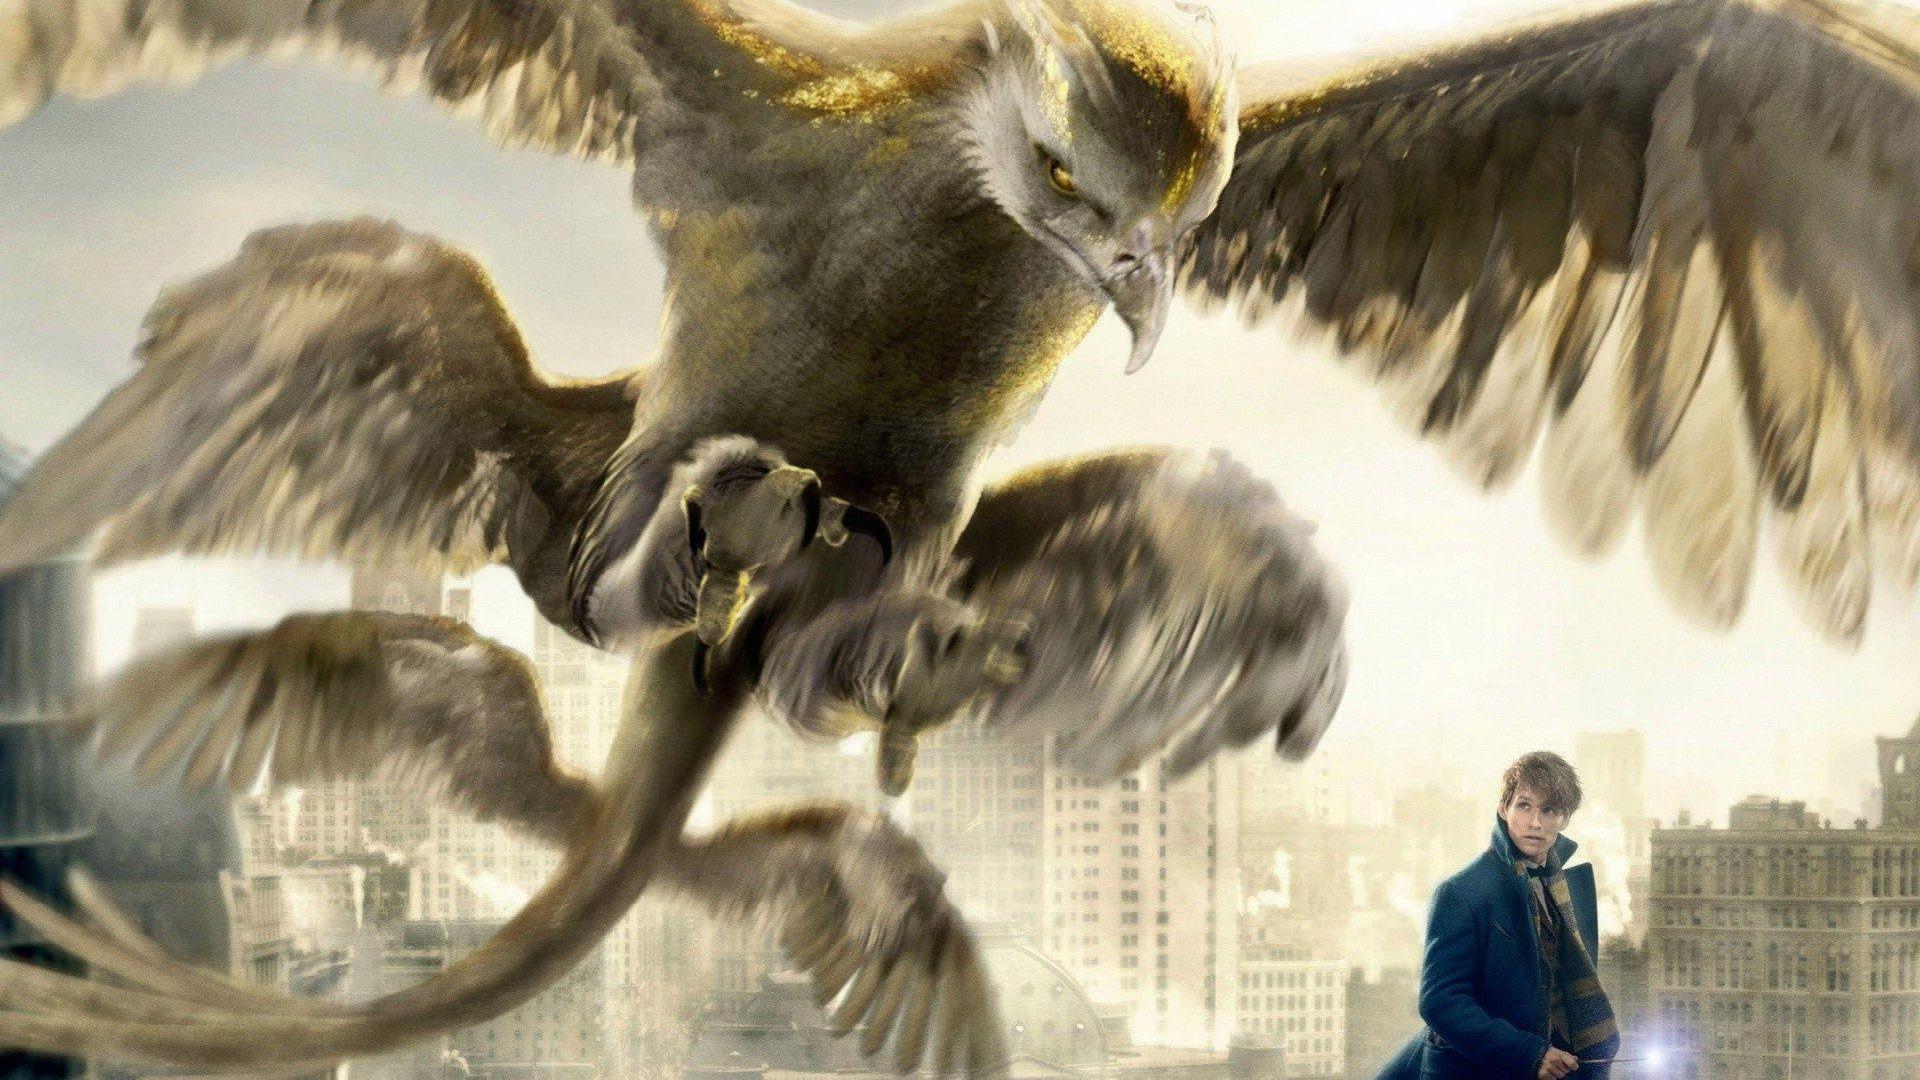 l'oiseau tonnerre, la créature tirée du film les animaux fantastiques 2